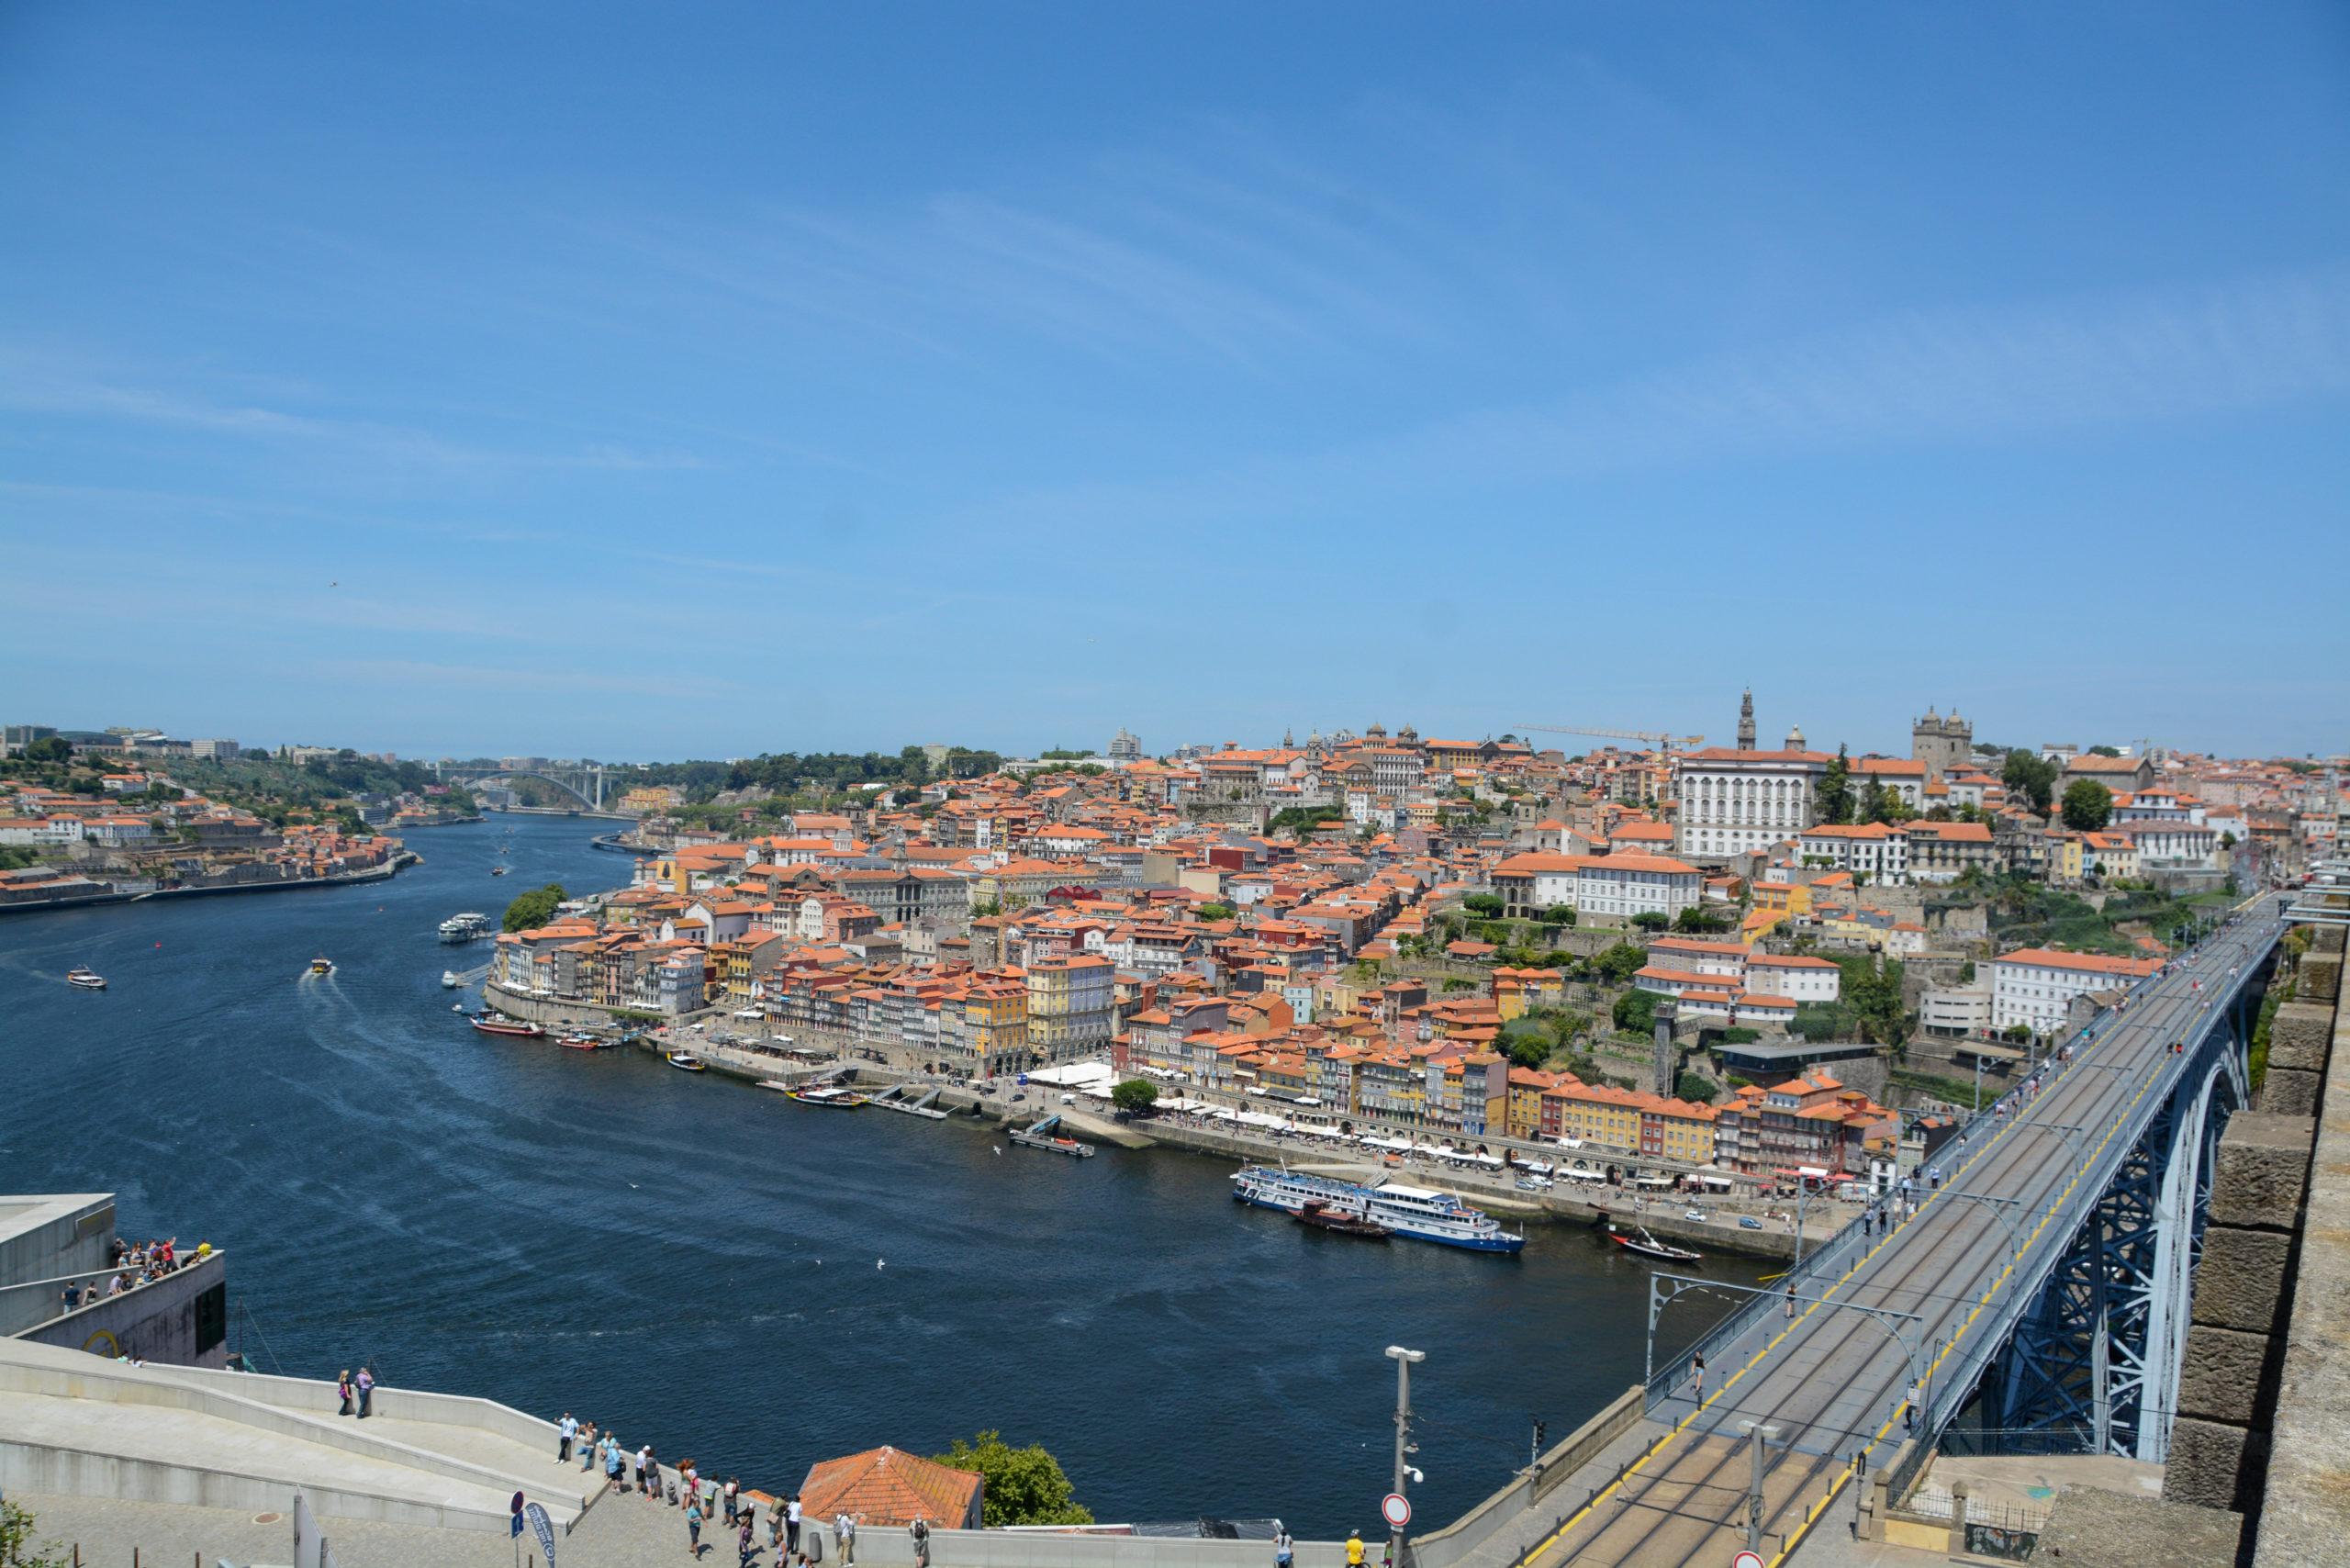 Blick von Kloster auf den Douro, die Altstadt von Porto und die Ponte Dom Luis I.